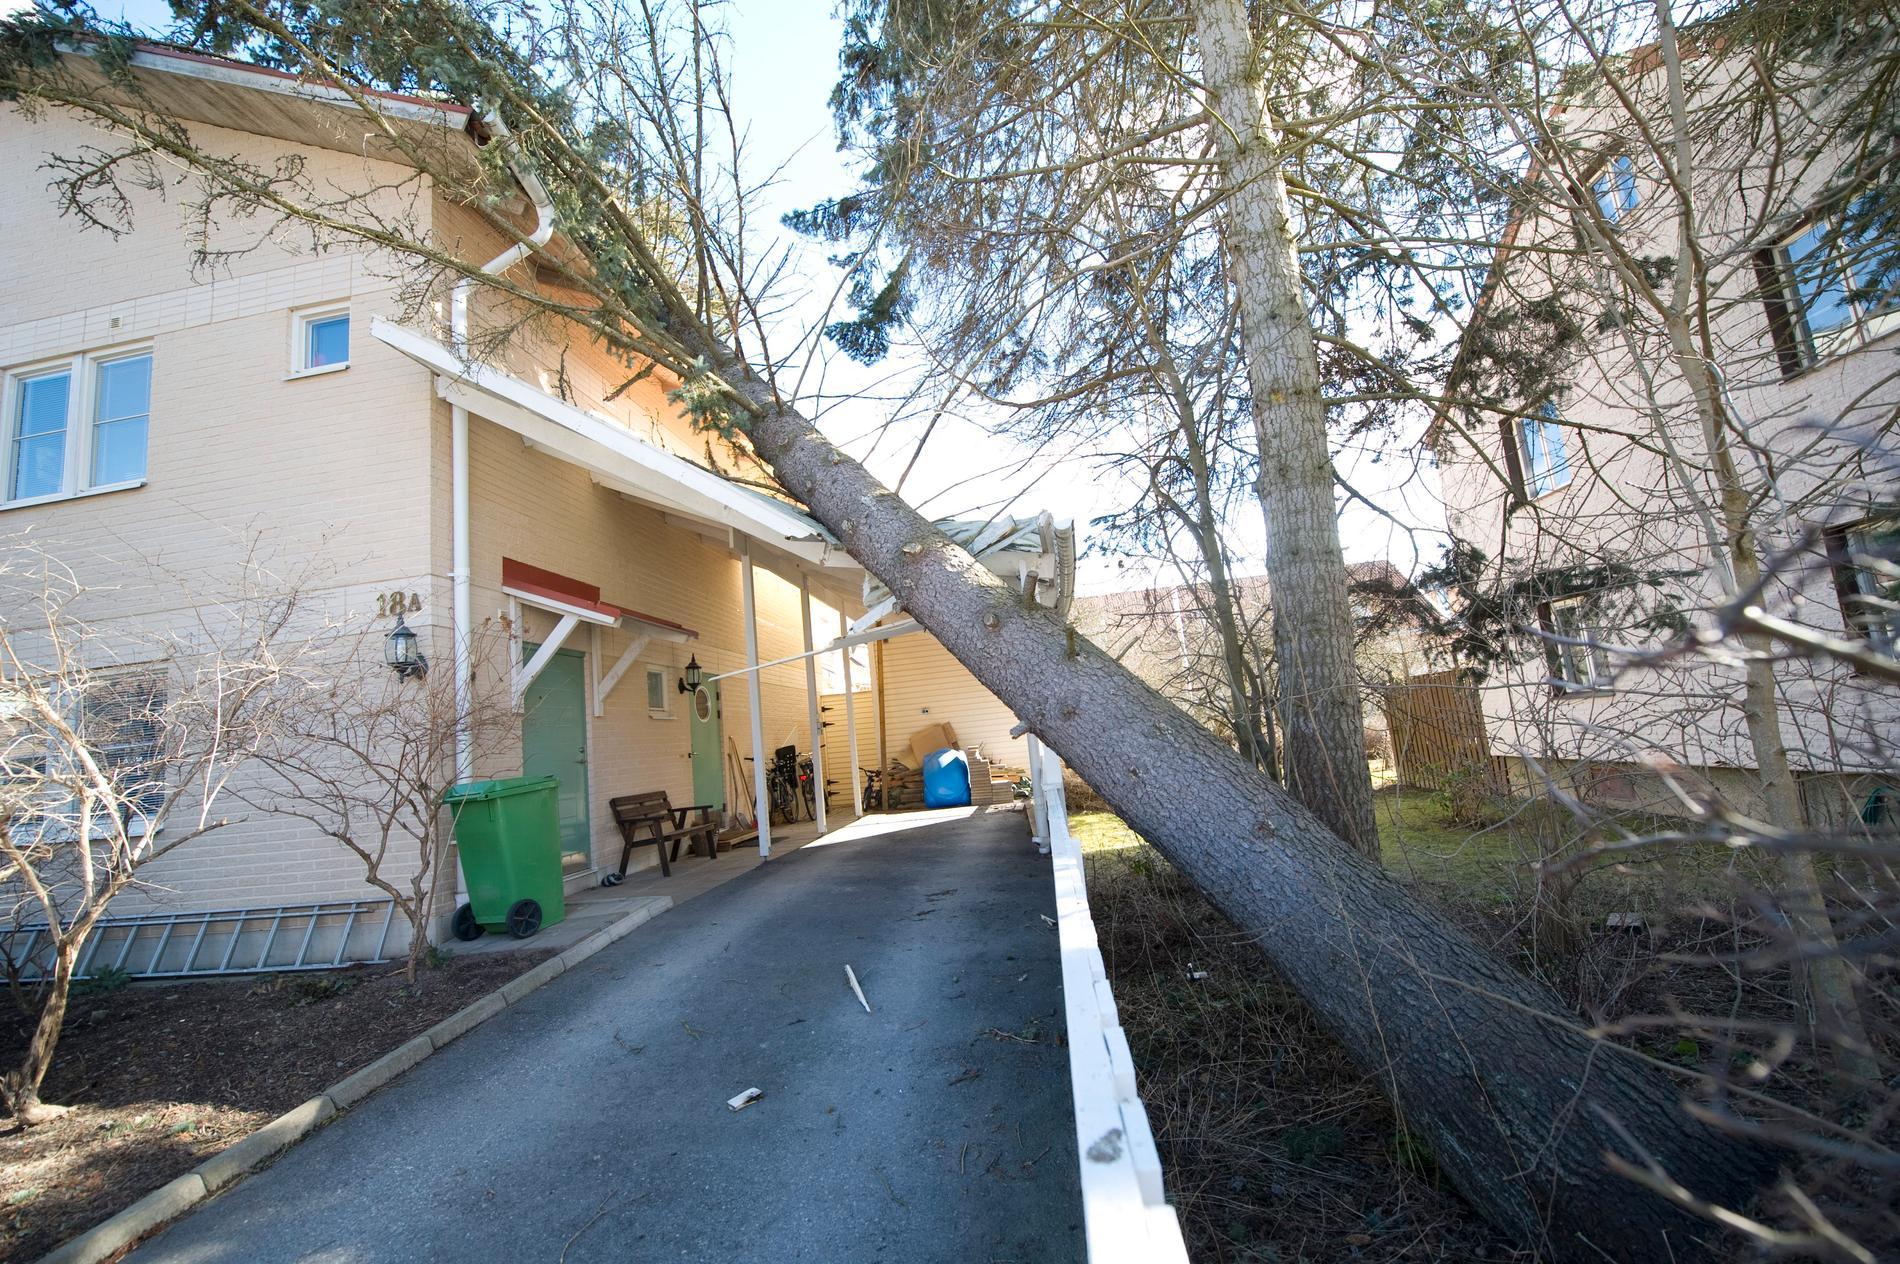 Försäkringen betalar skadorna om trädet faller illa. Arkivbild.